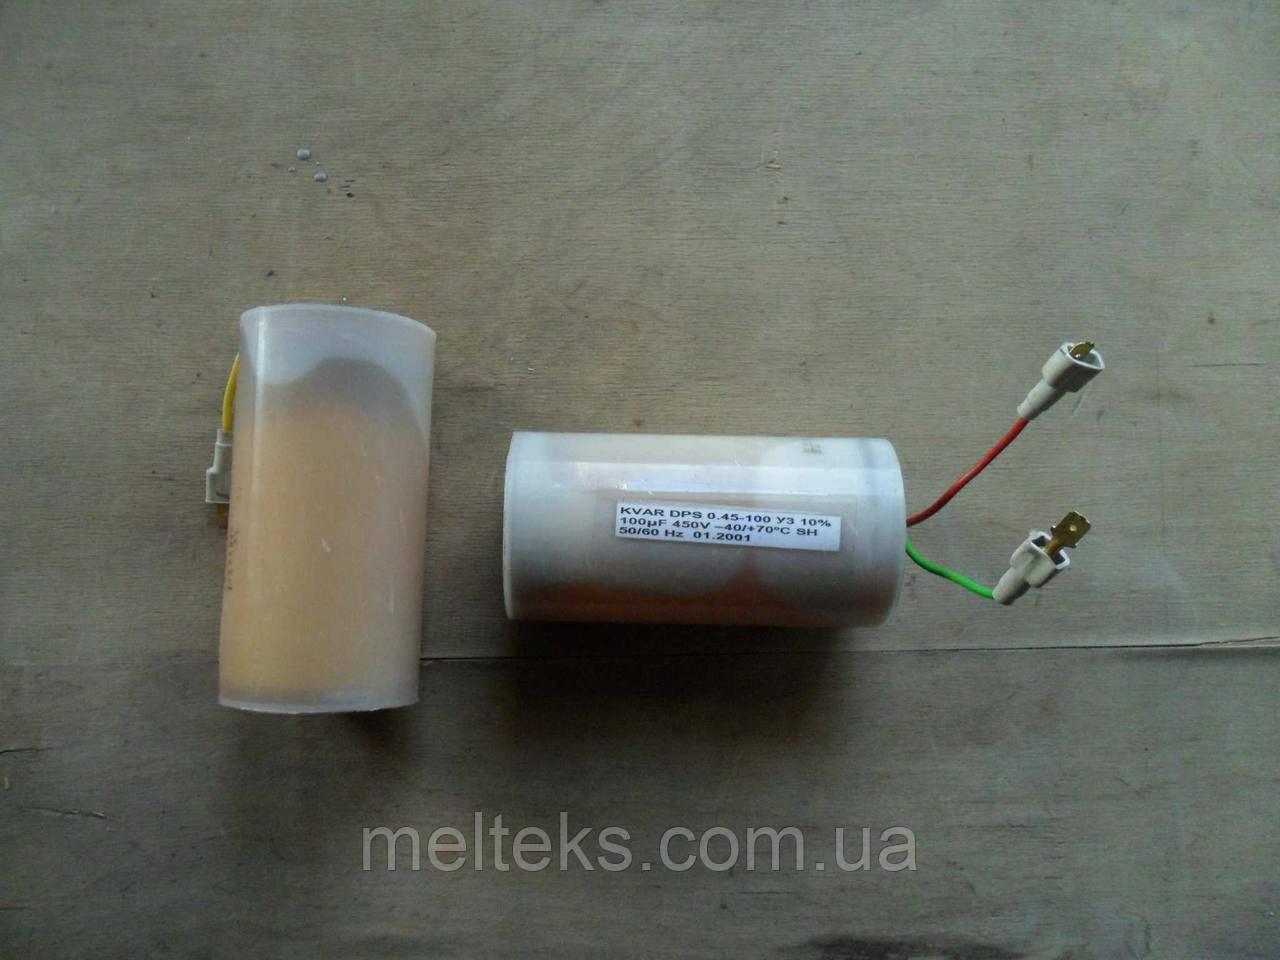 Конденсатор ДПС 0,45-100 У3